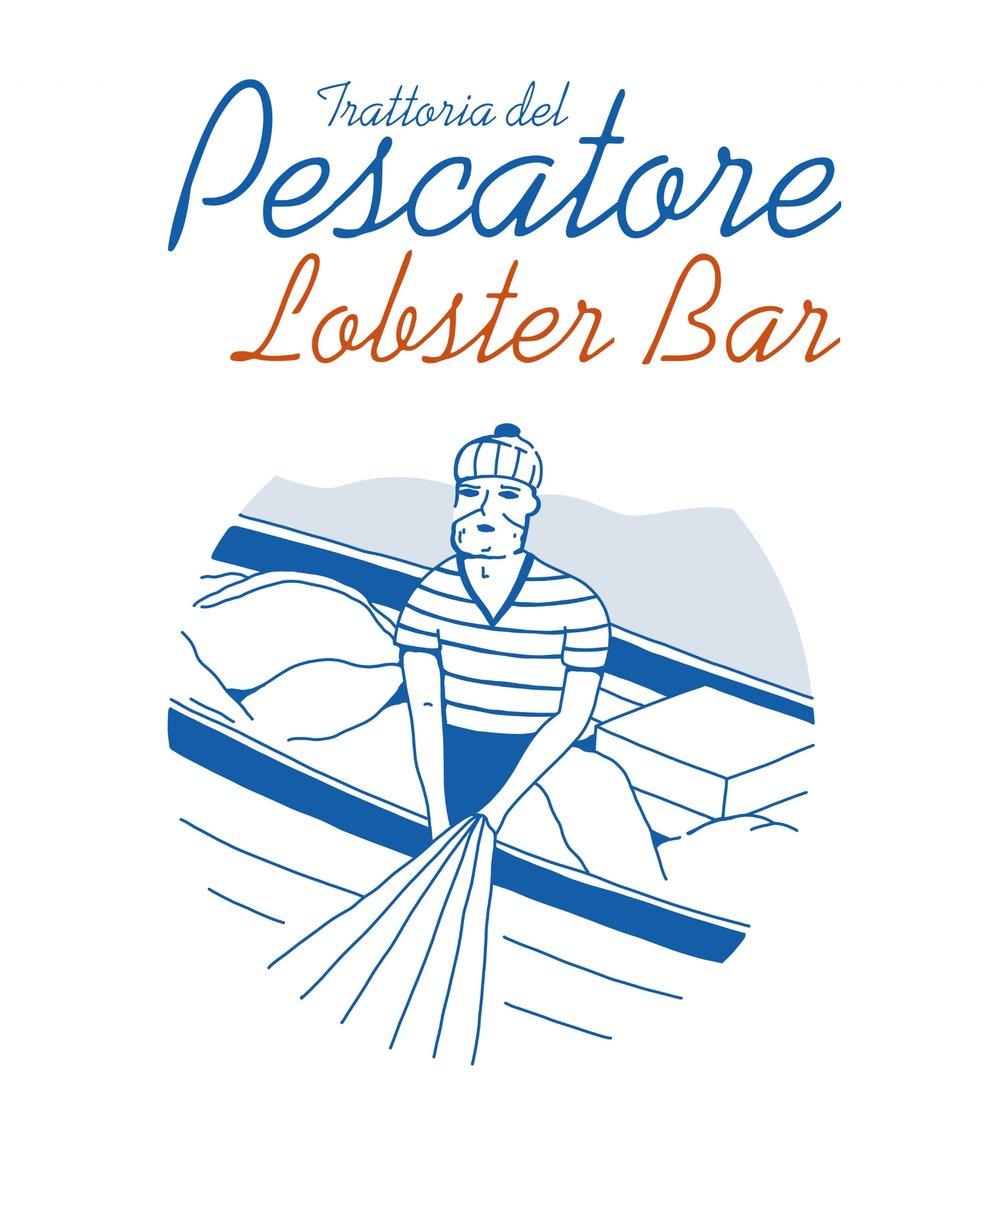 LOGO_PESCATORE_LOBSTERBAR-Finale.jpg